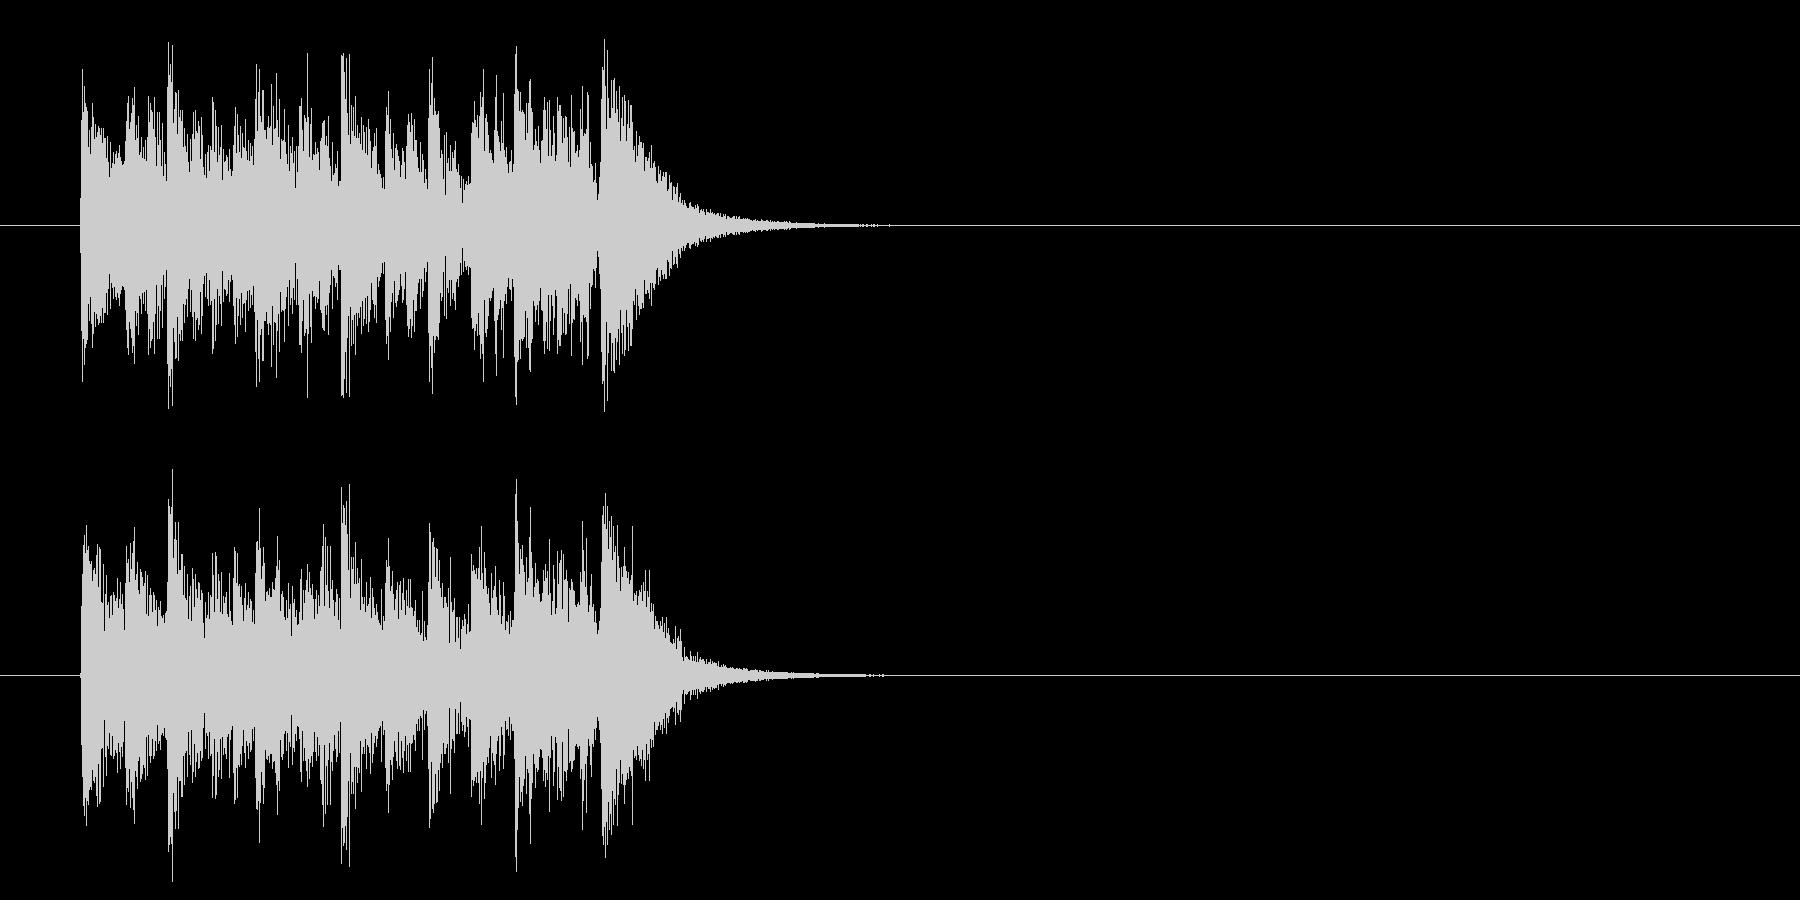 キュー・アタック風ポップスのジングルの未再生の波形